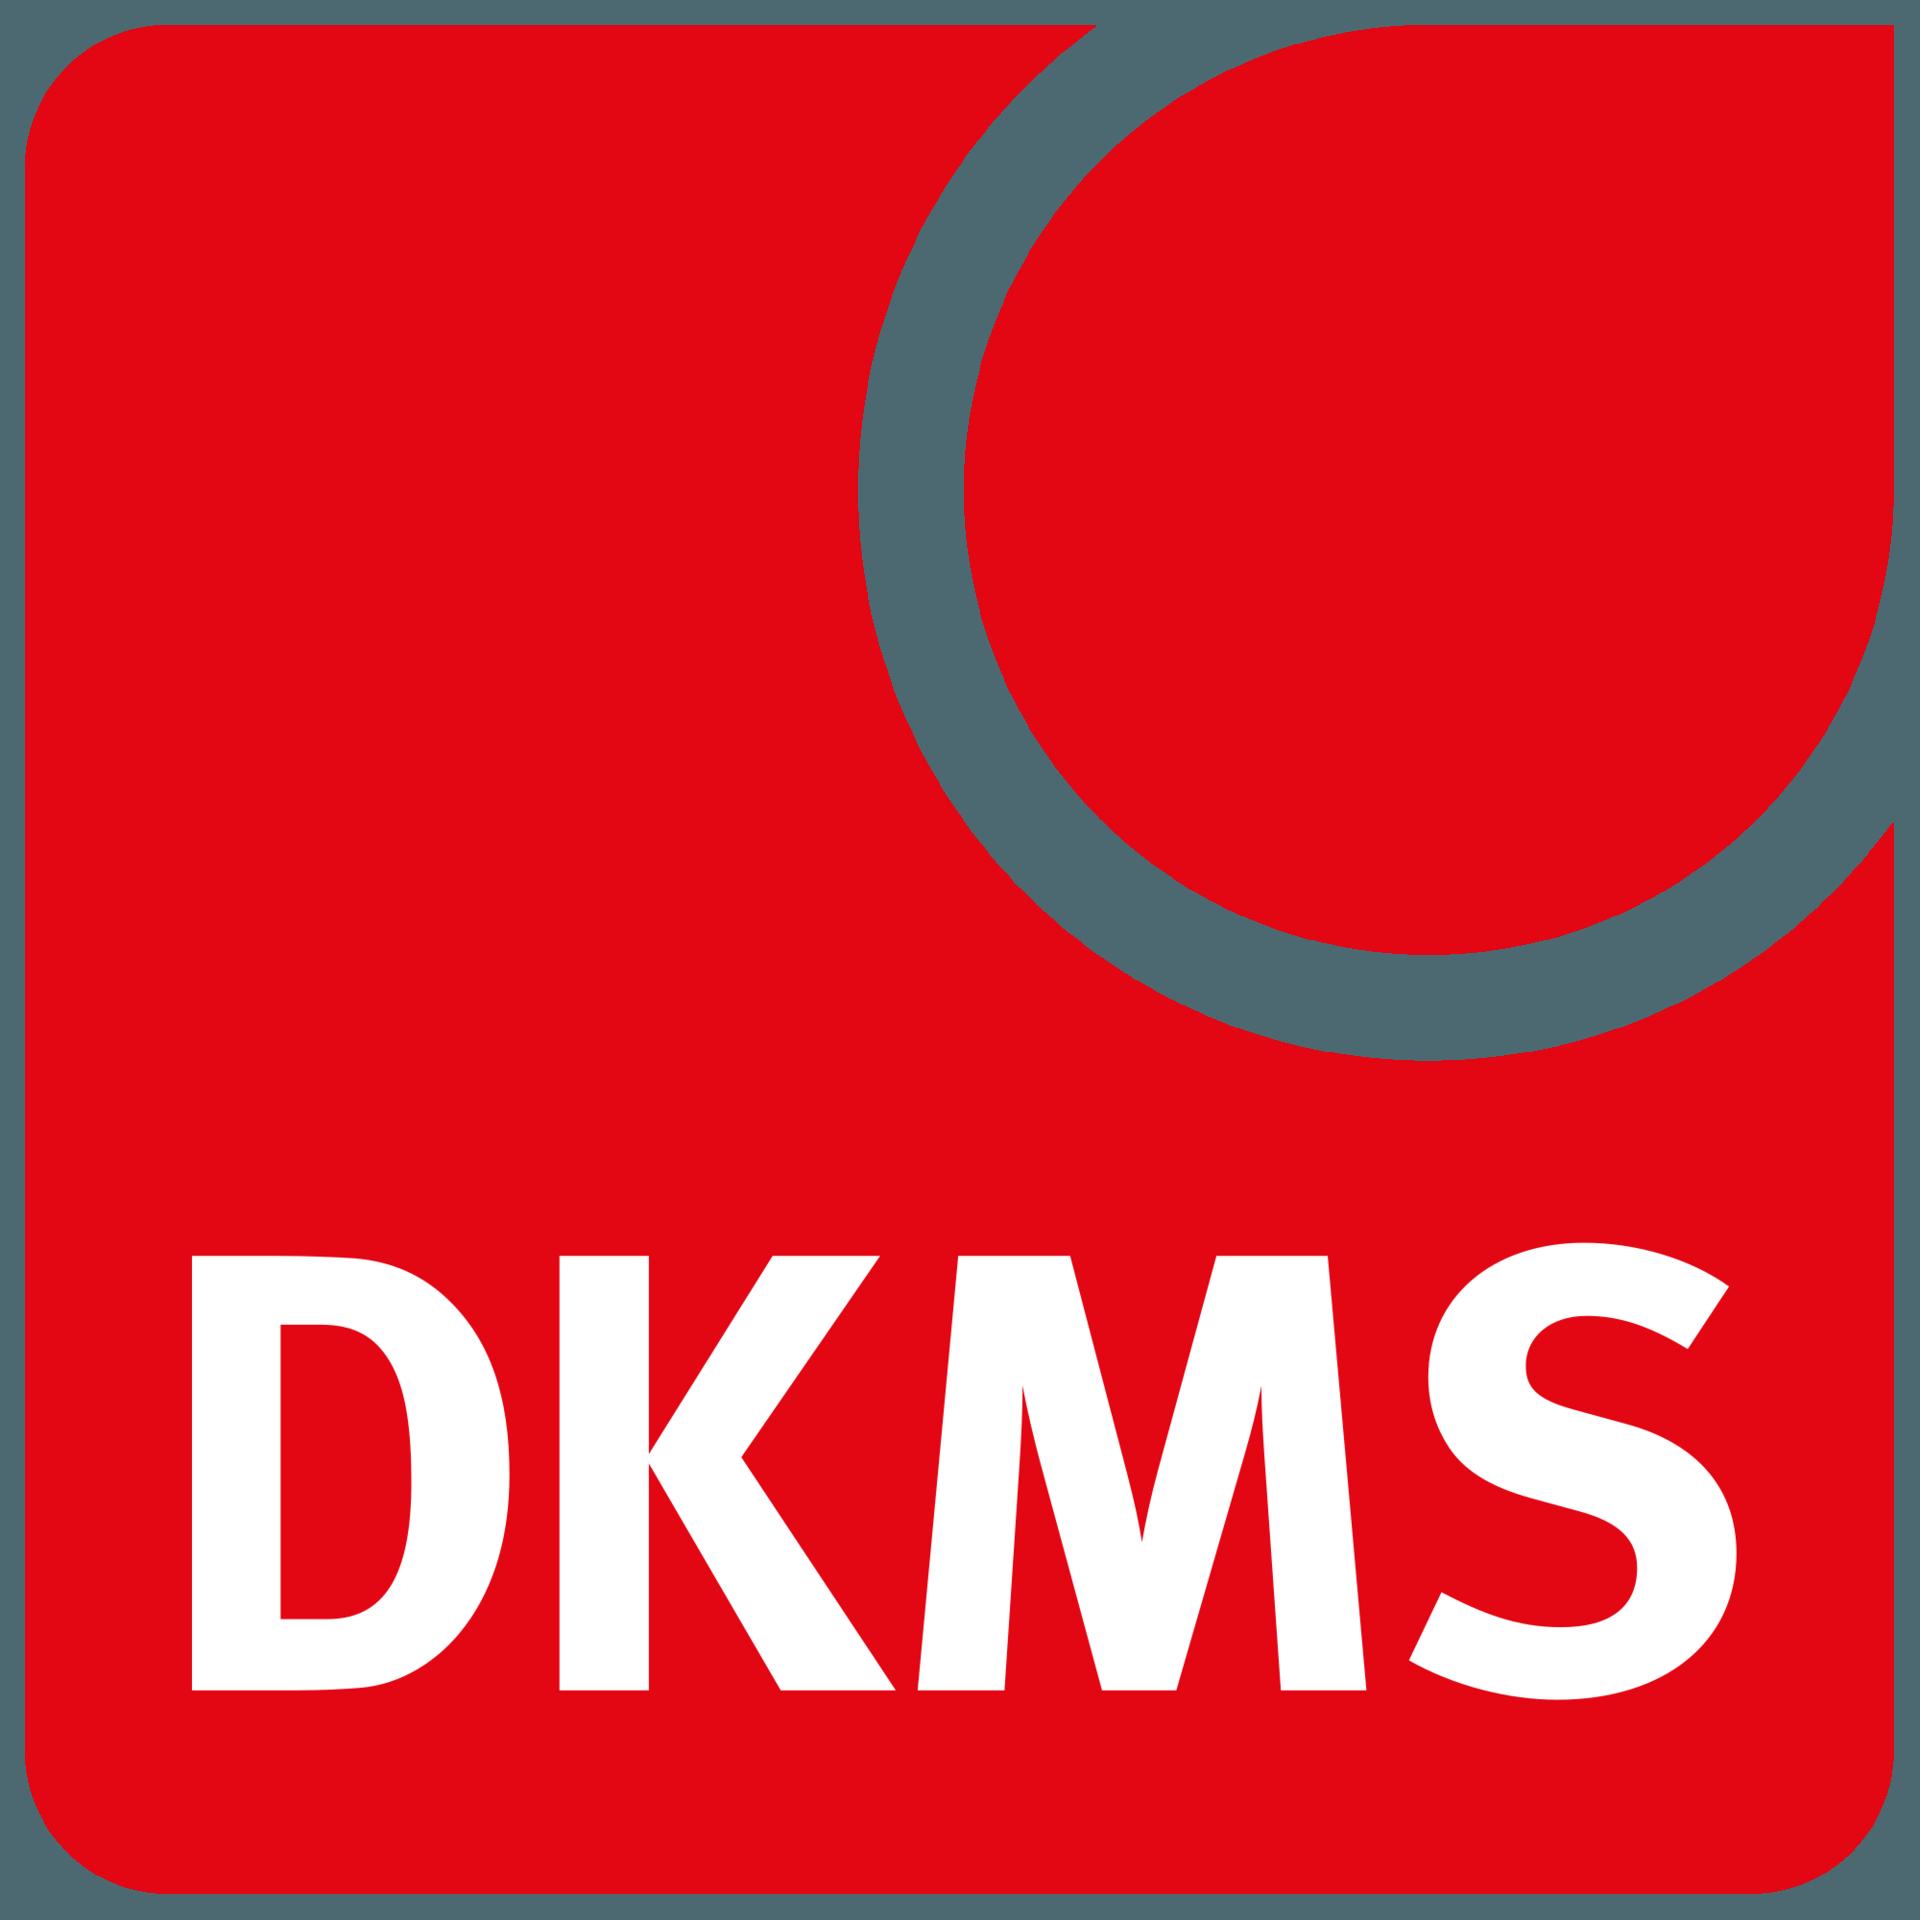 https://www.prografix.pl/wp-content/uploads/2019/01/DKMS.png